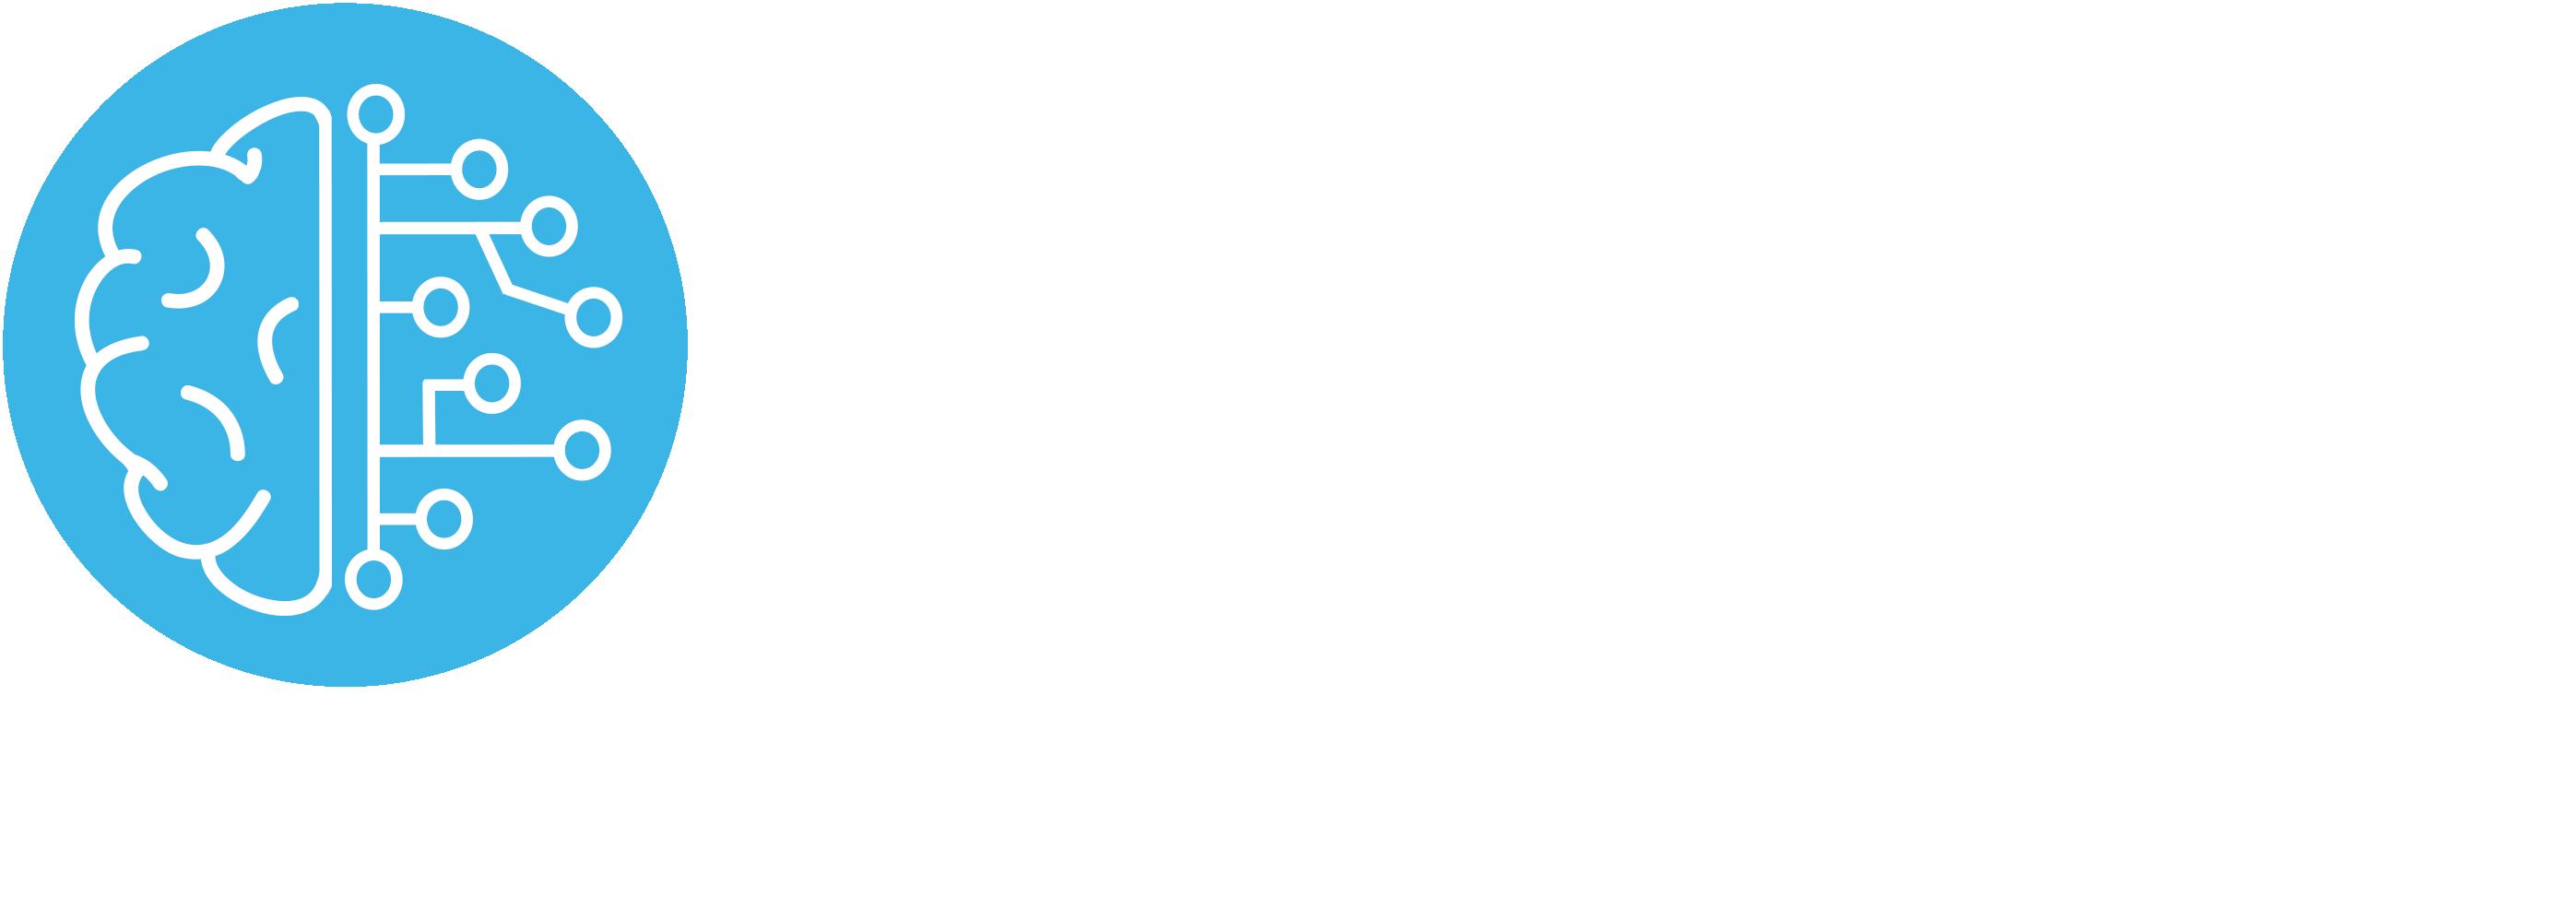 Nuevo_Smartme_SEMINEGATIVO